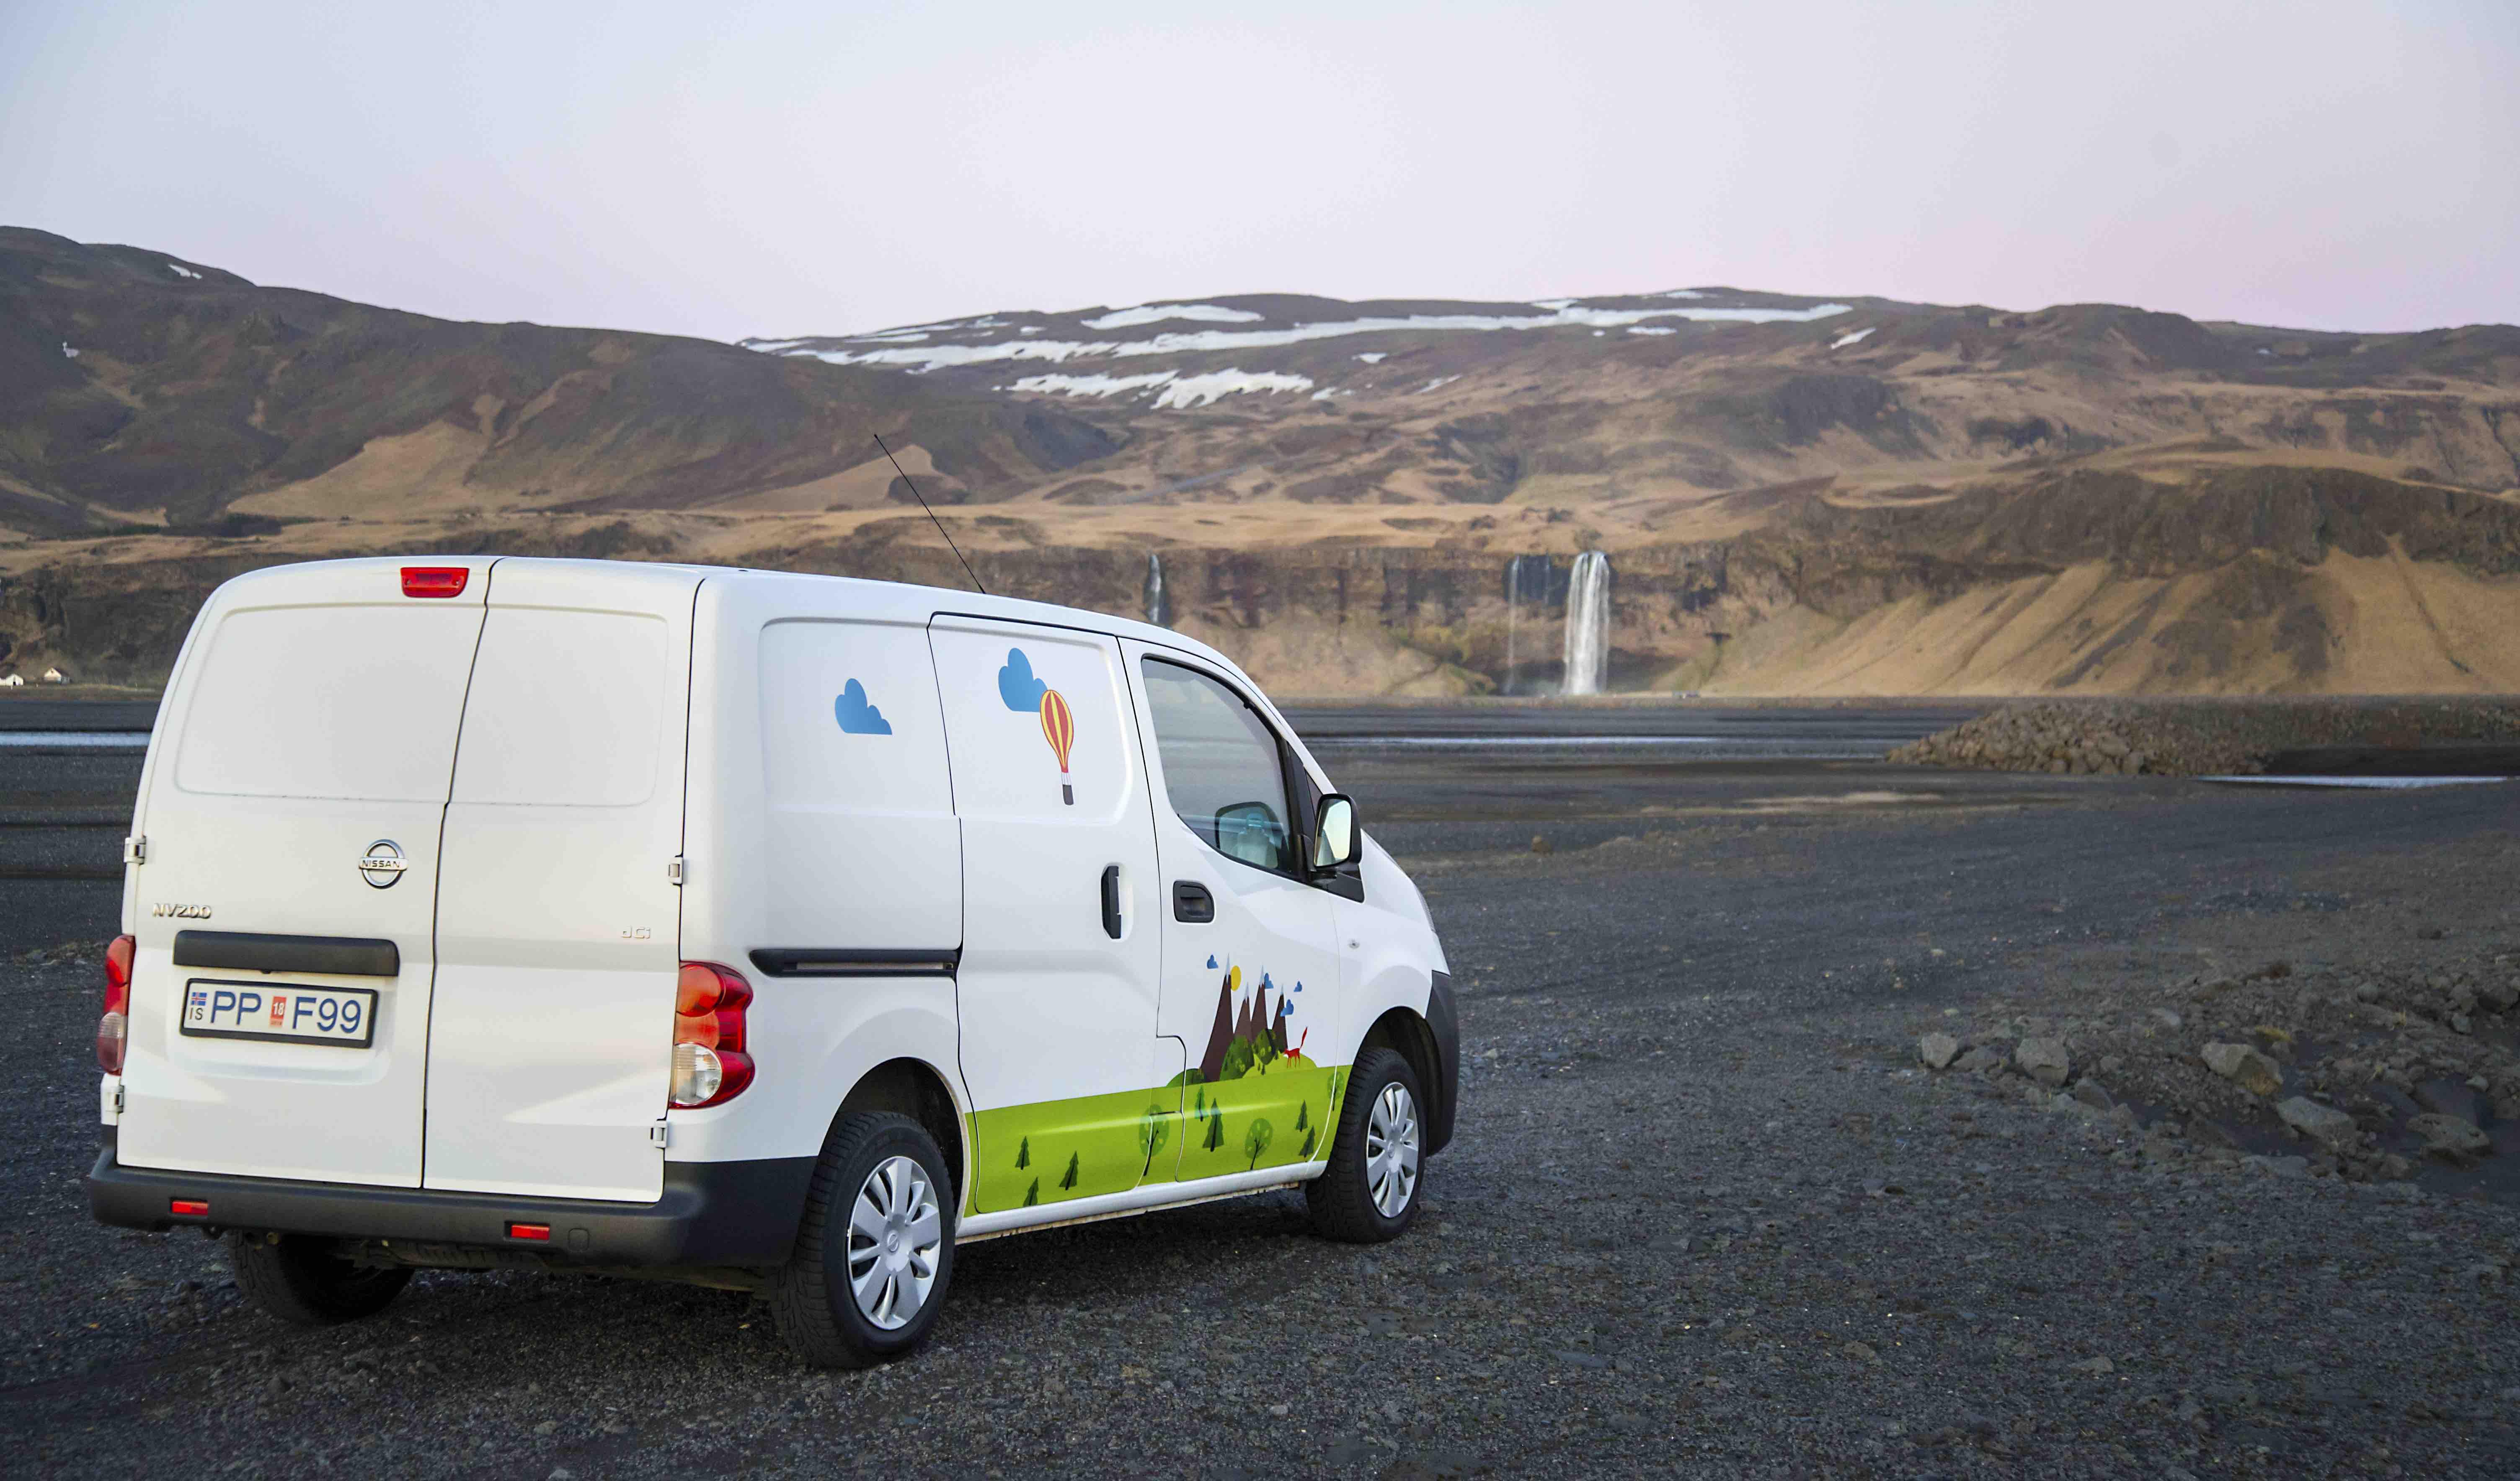 Campervan Iceland - Campervan Play